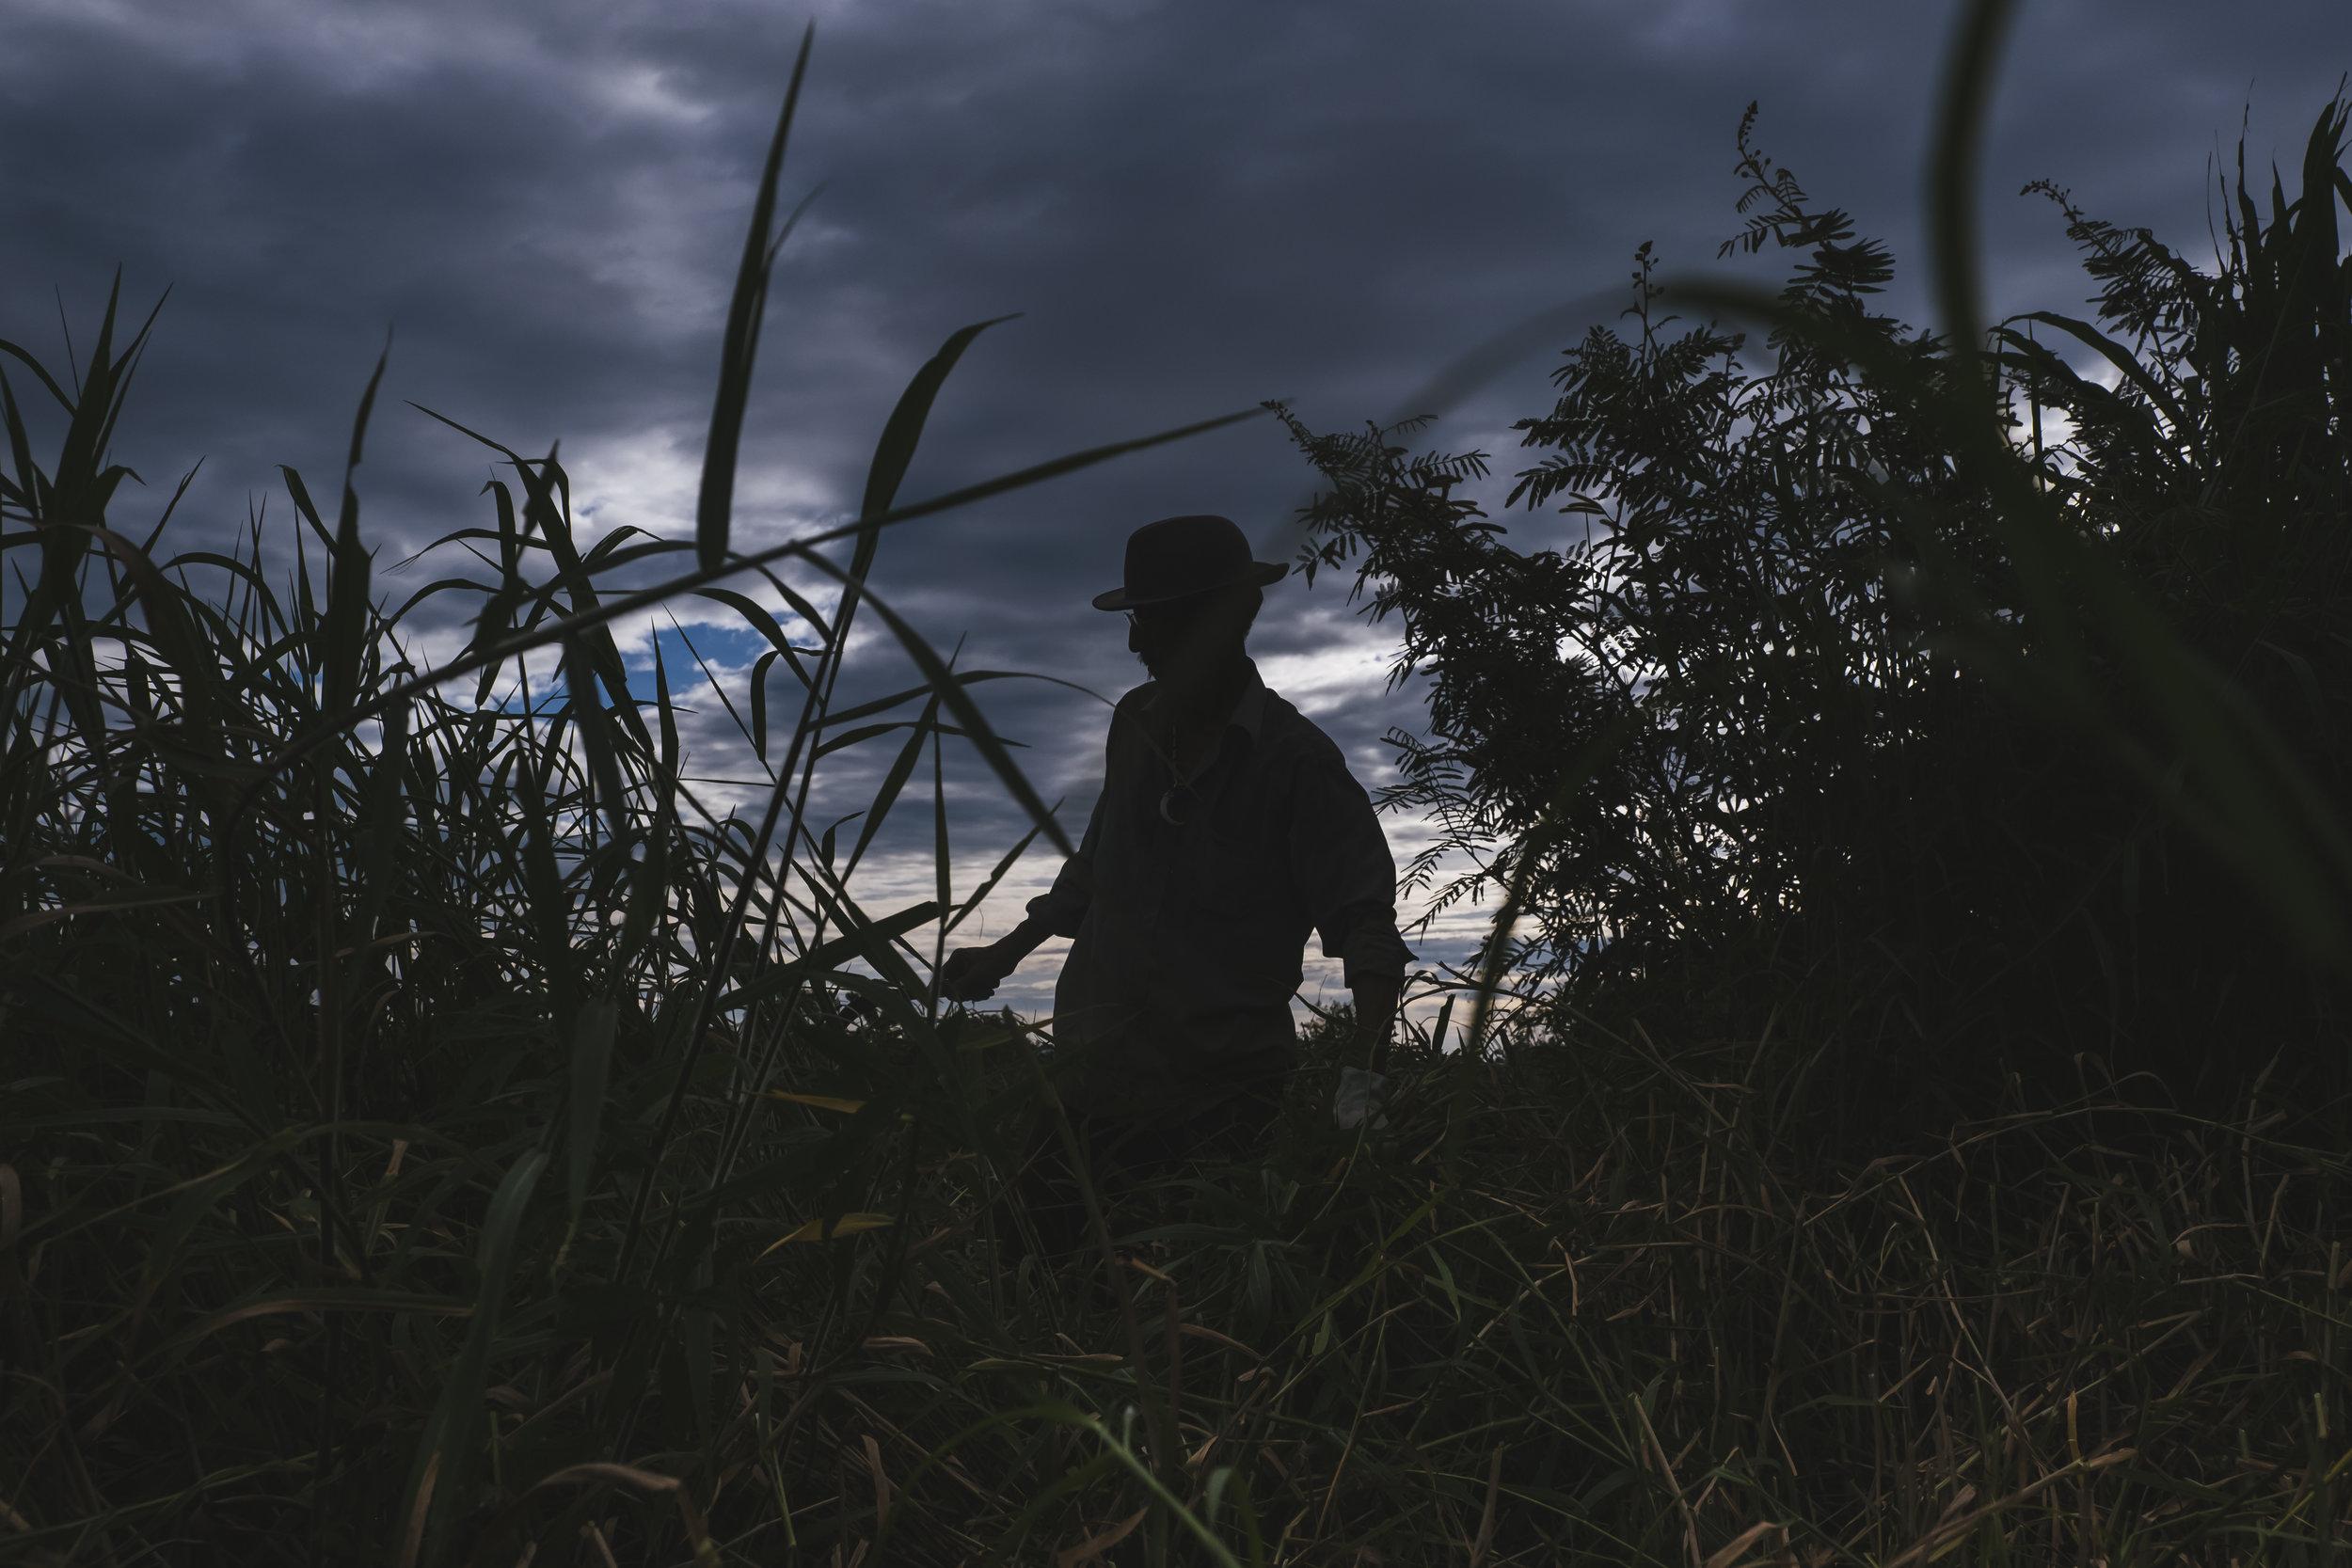 Man-in-field